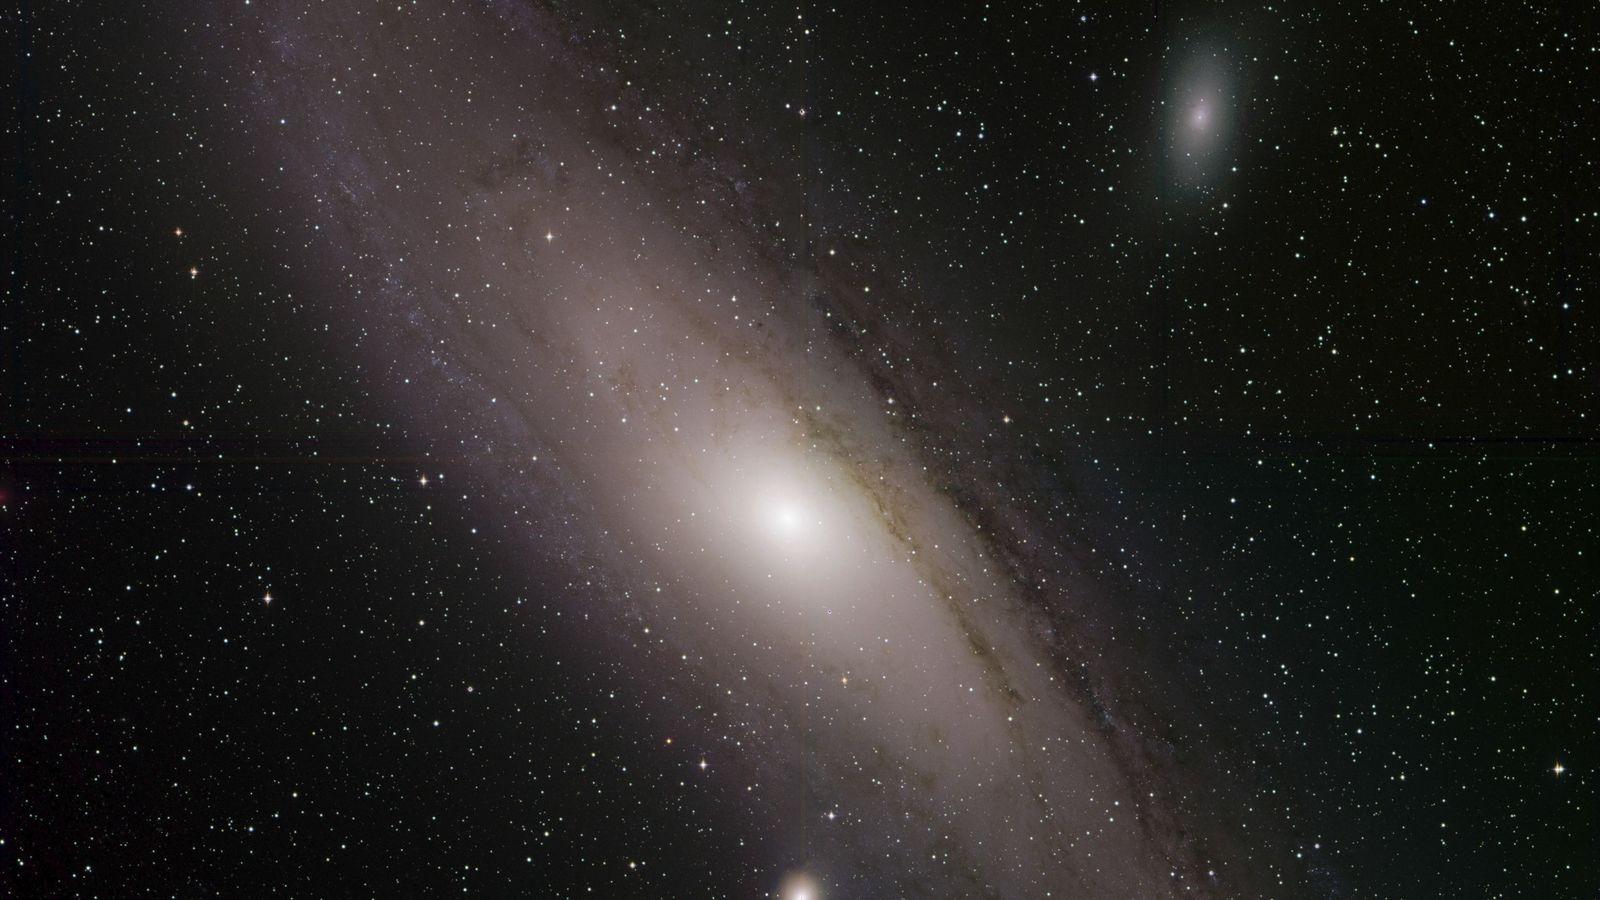 La galaxie d'Andromède, également identifiée sous le numéro M31 dans le Catalogue de Messier, apparaît brillante ...